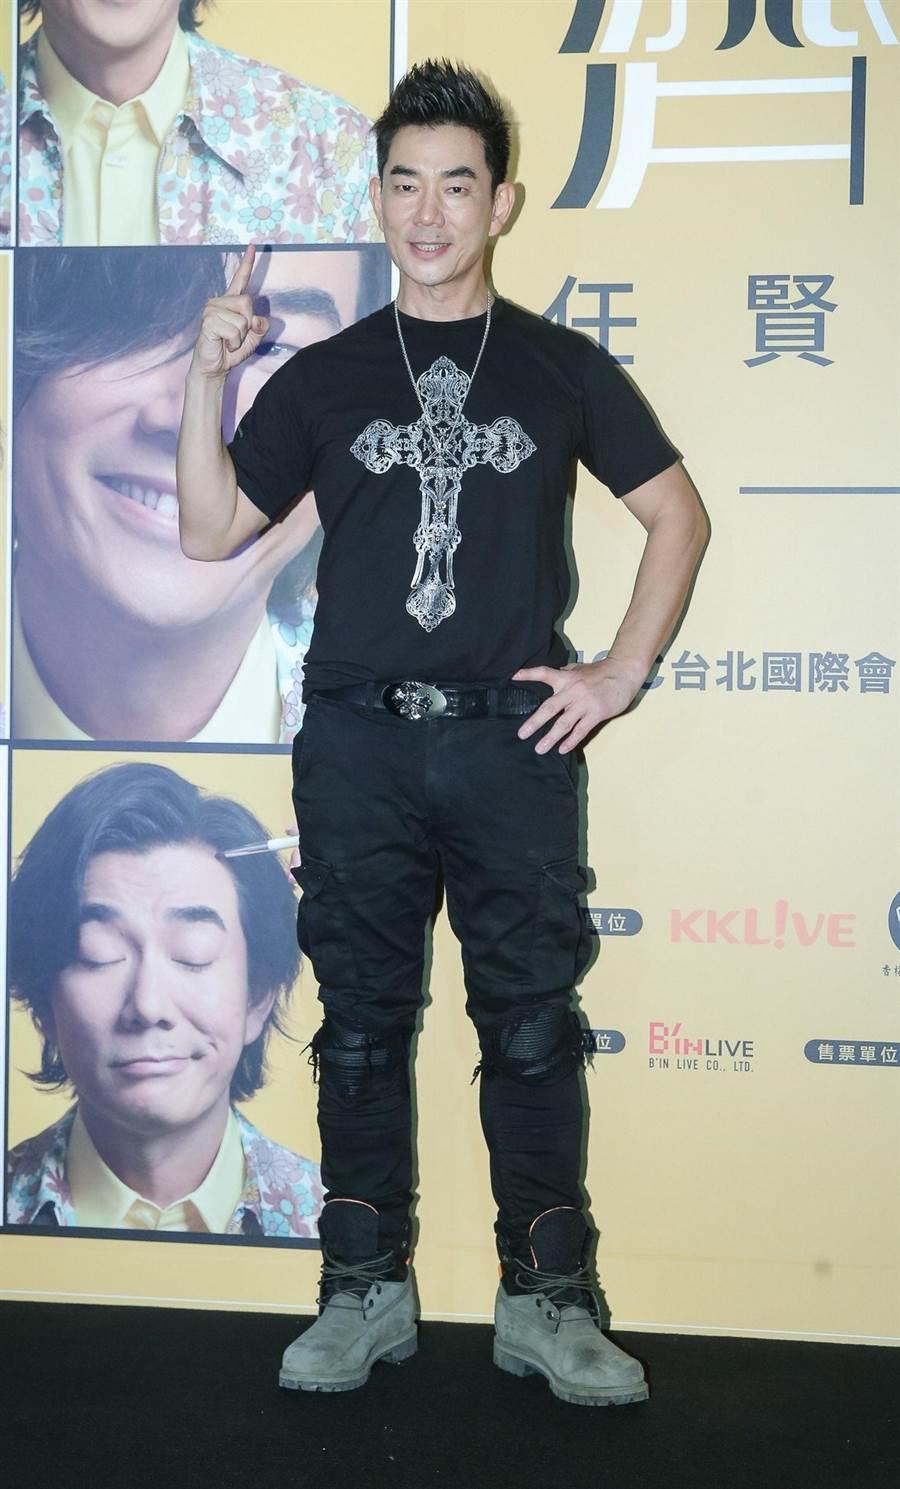 任賢齊昨演唱會後受訪。(粘耿豪攝)